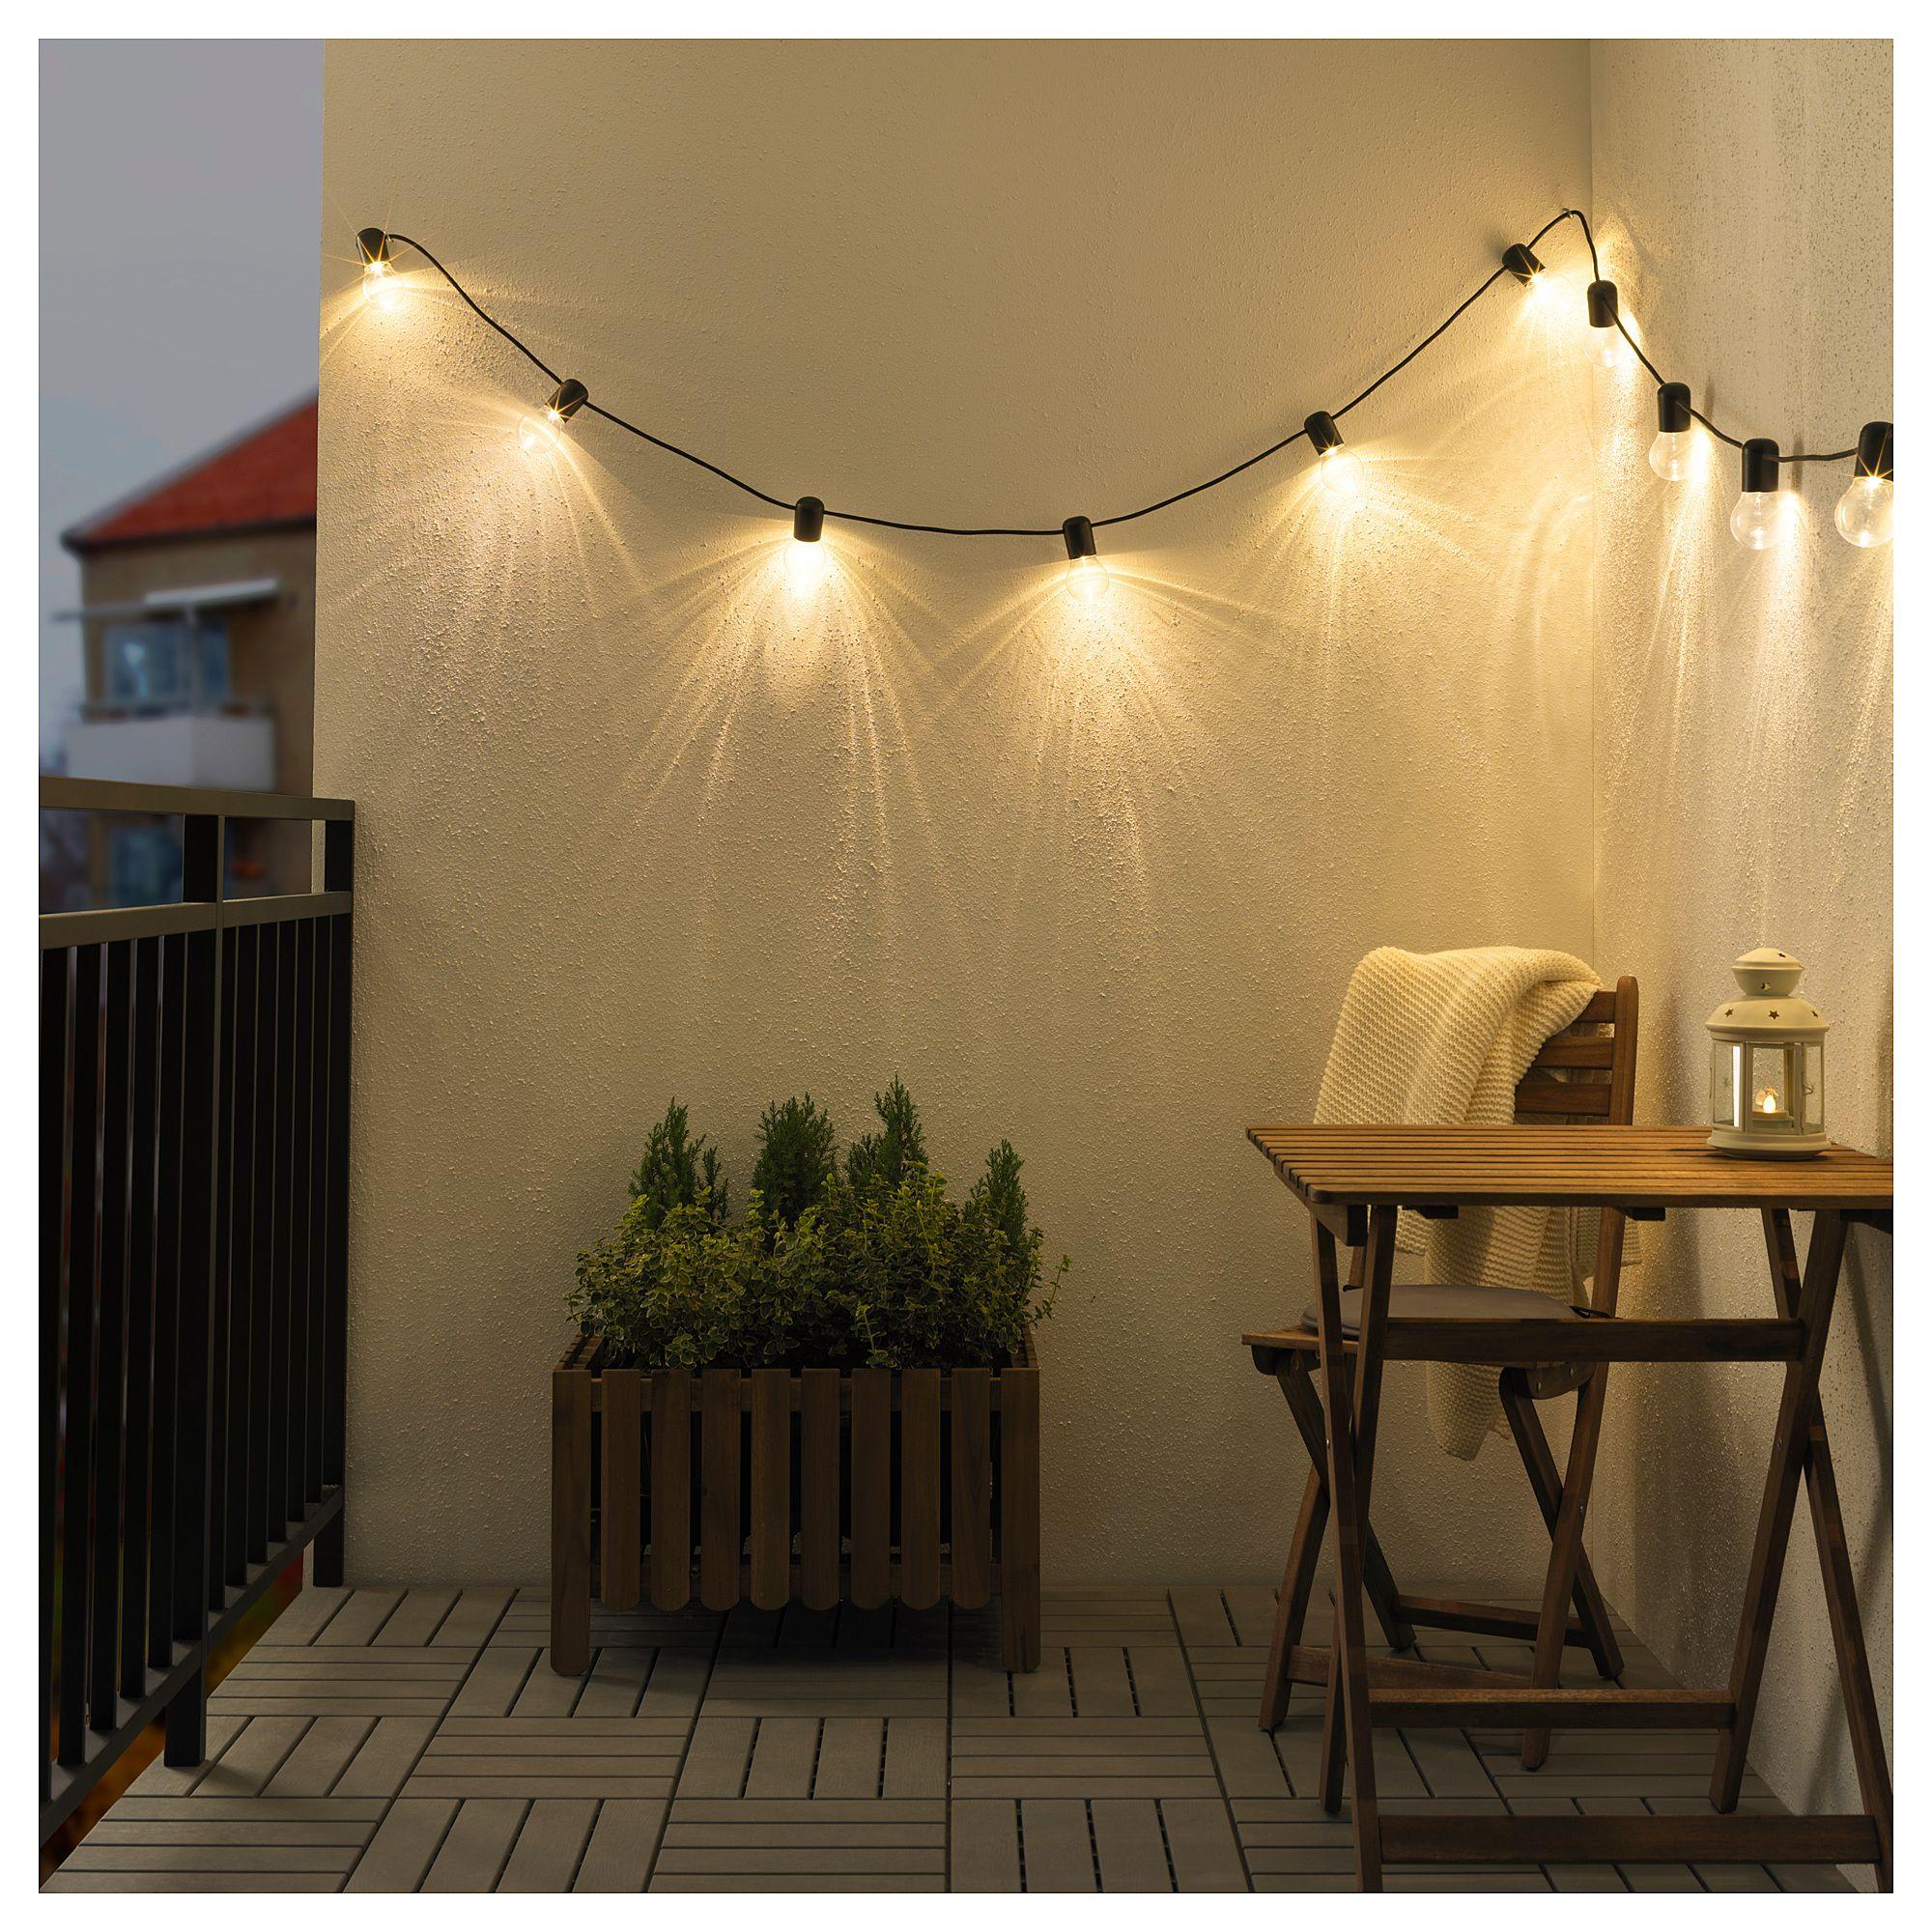 Svartrå Led String Light With 12 Lights Black Outdoor In